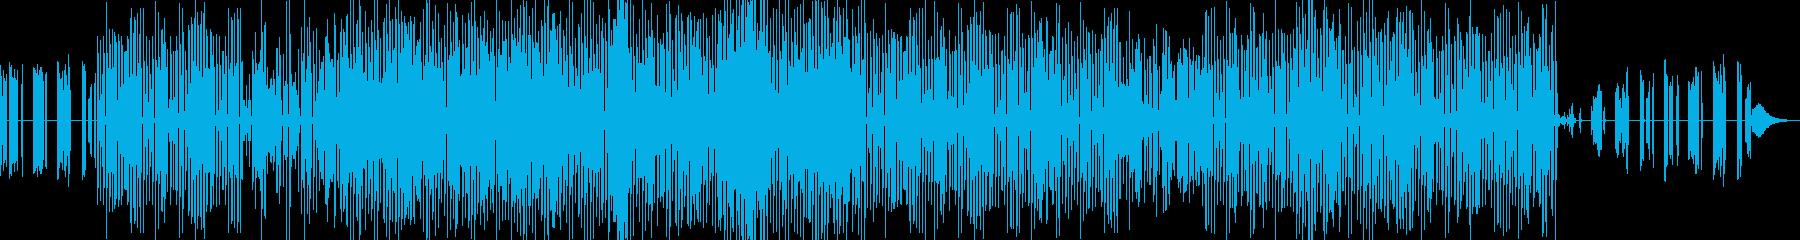 和風インダストリアルBGMです。の再生済みの波形